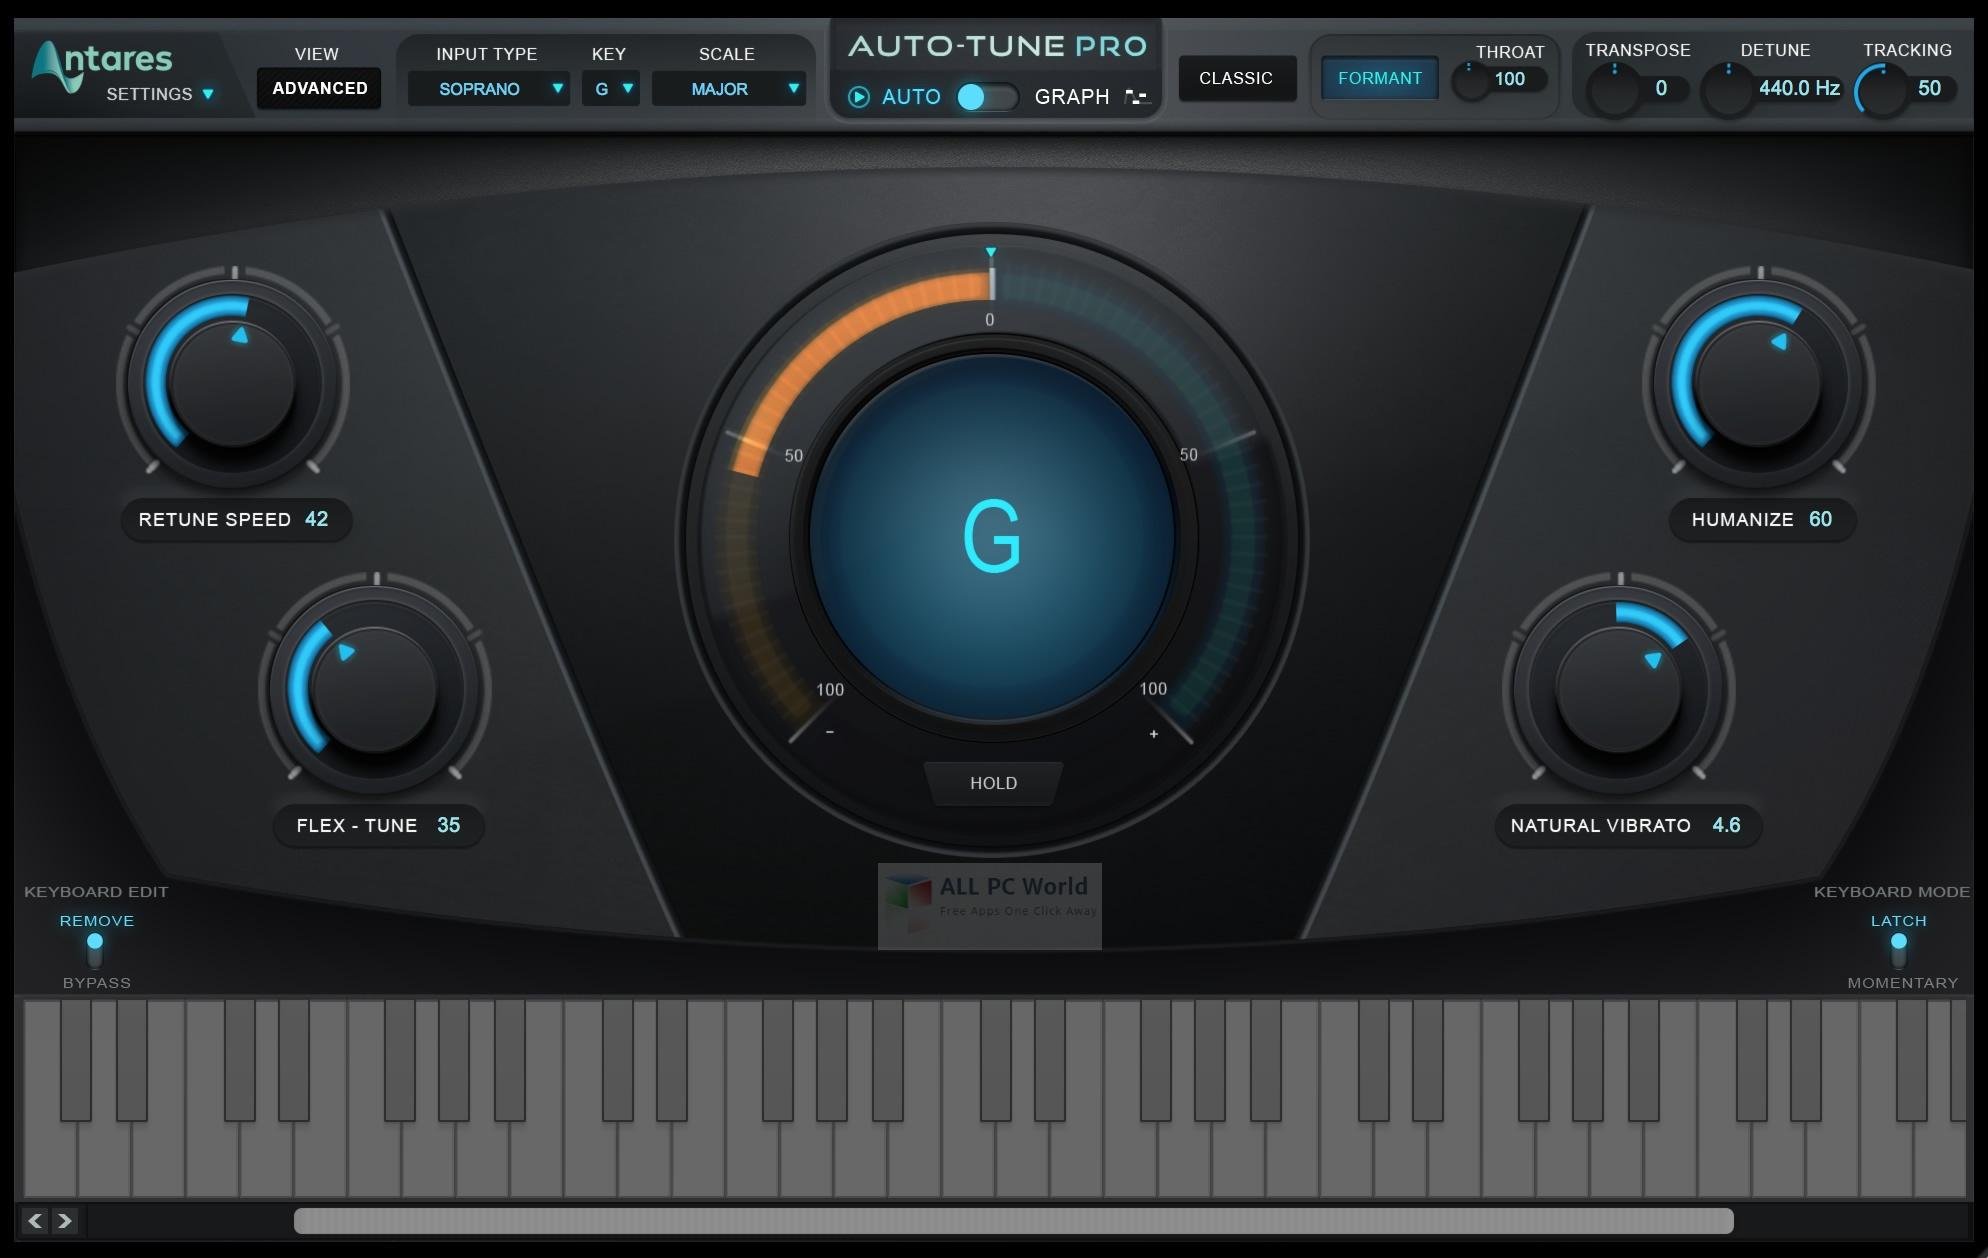 Auto-Tune Pro 9 Free Download